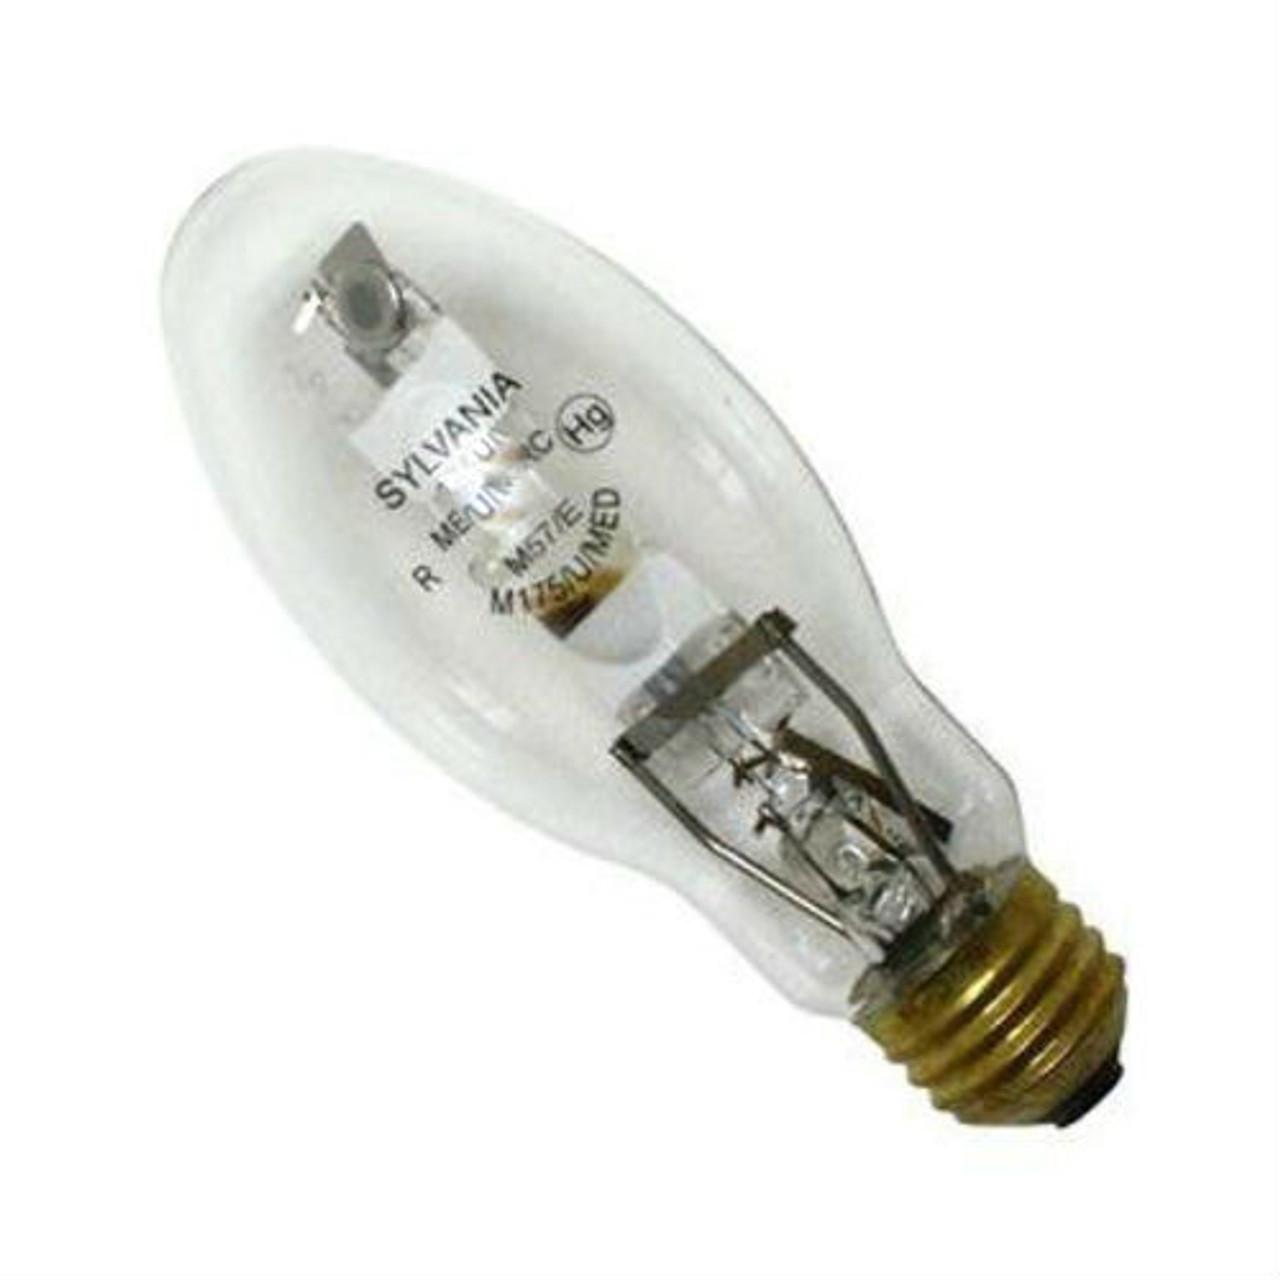 175W Sylvania Metalarc Lamp M175//C//U New